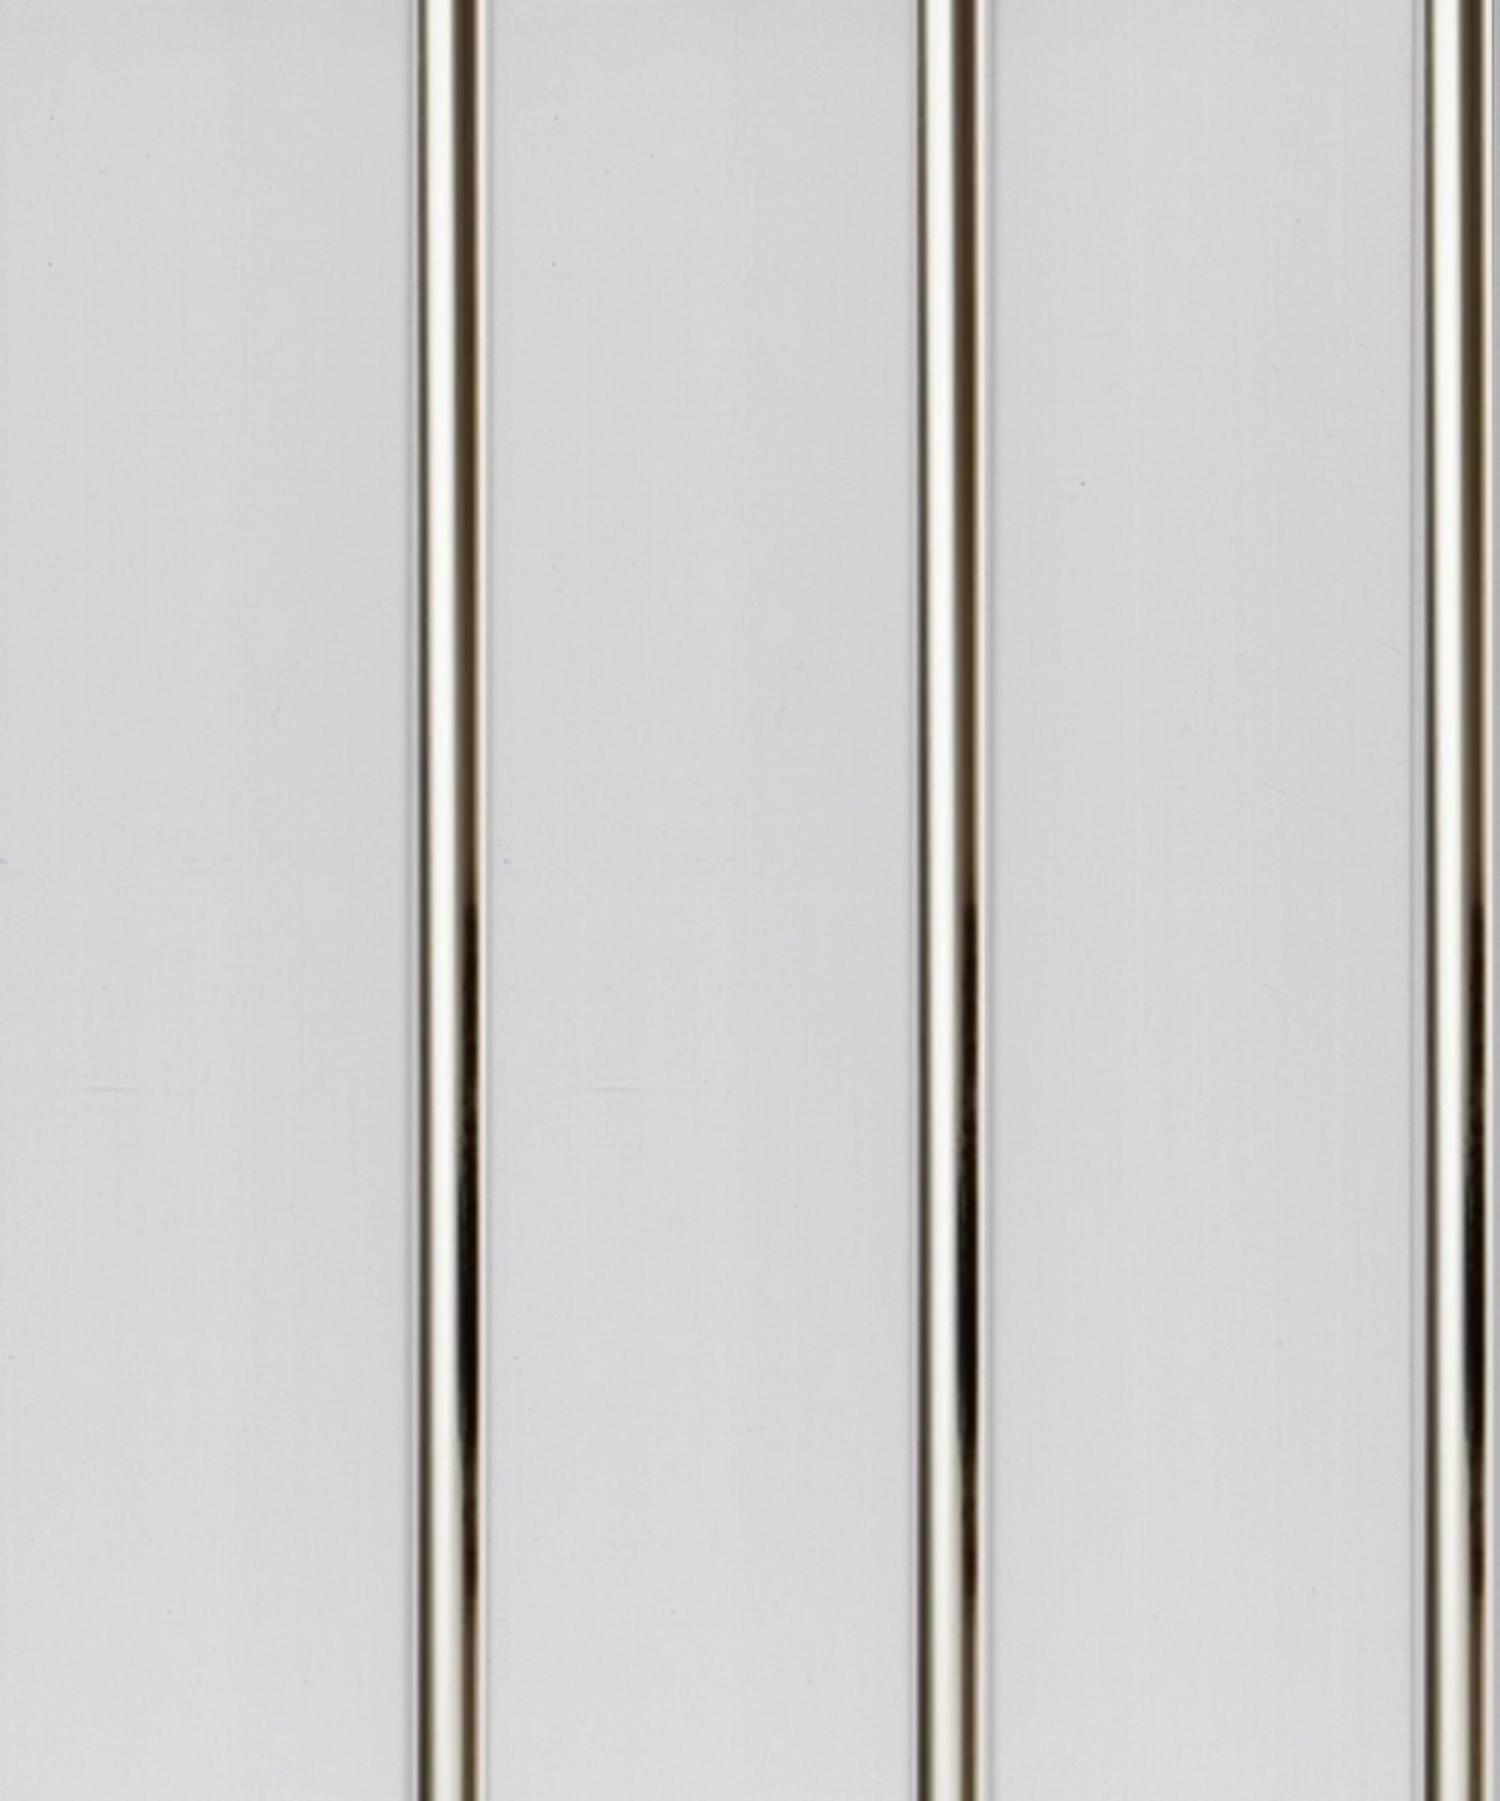 Панель ПВХ 3-х секционная под реечный потолок «Серебро» 0.24 х 3 м